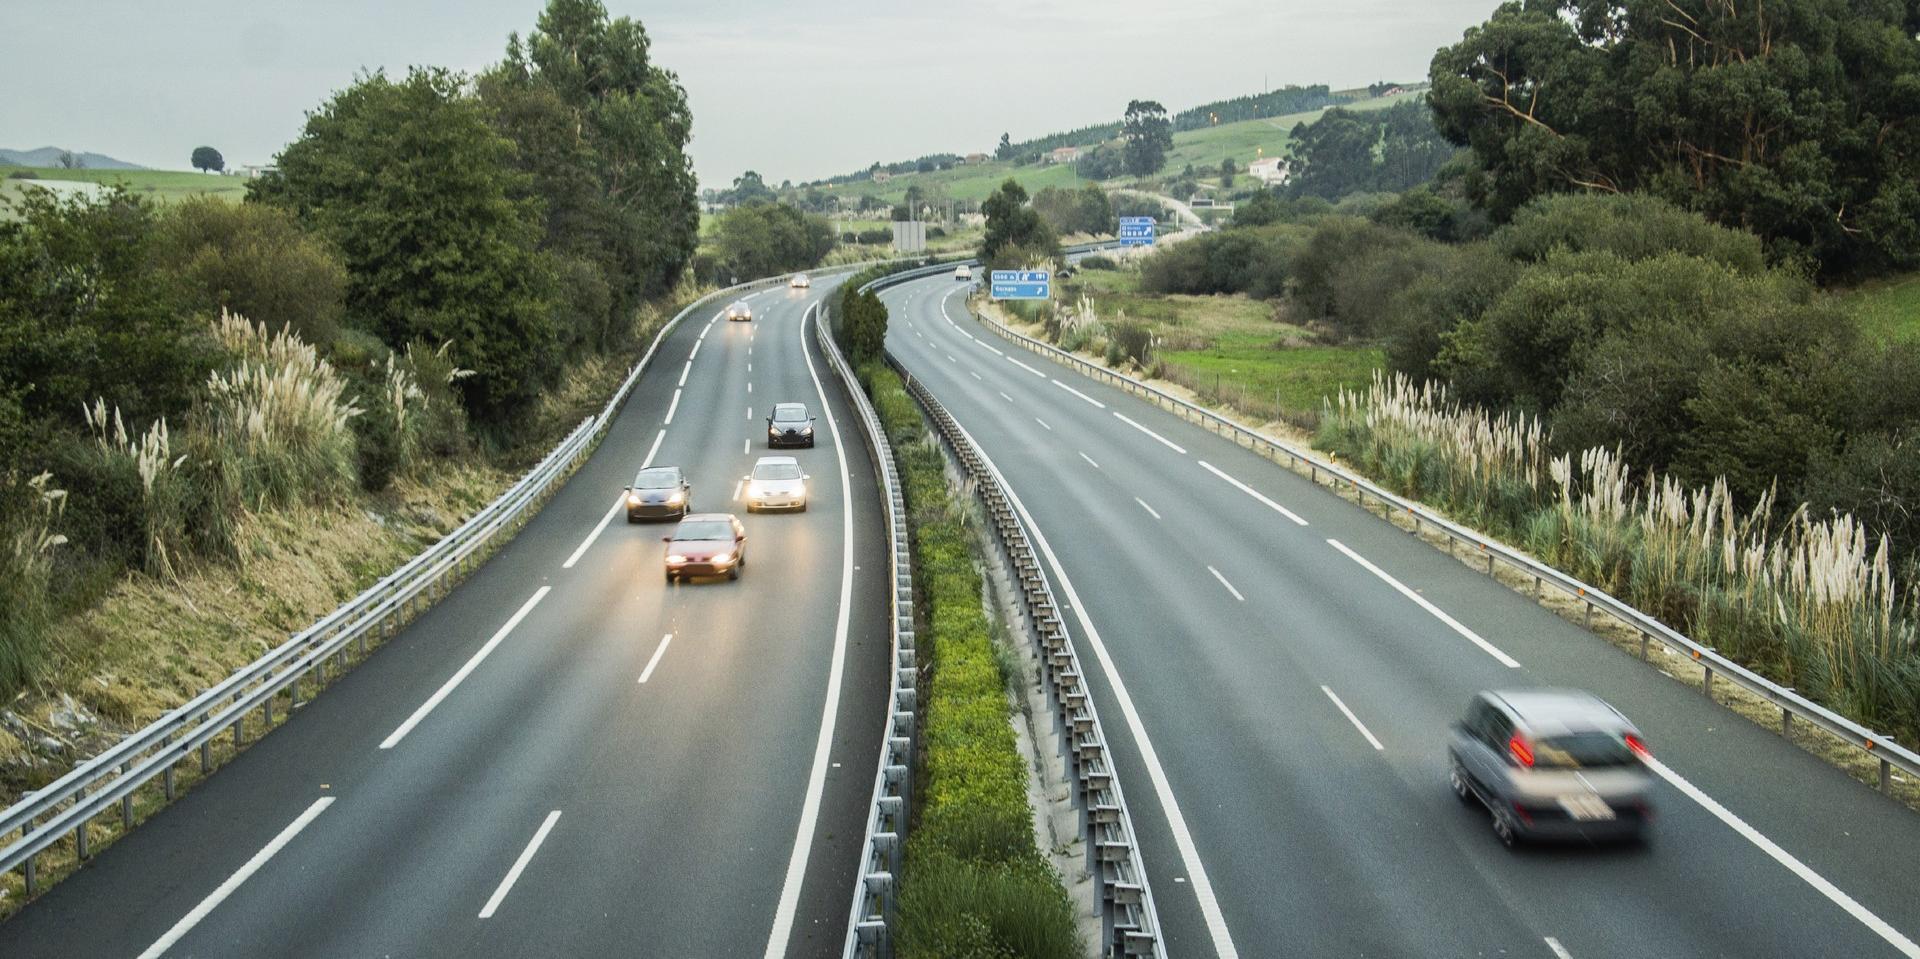 Conduite sur autoroute